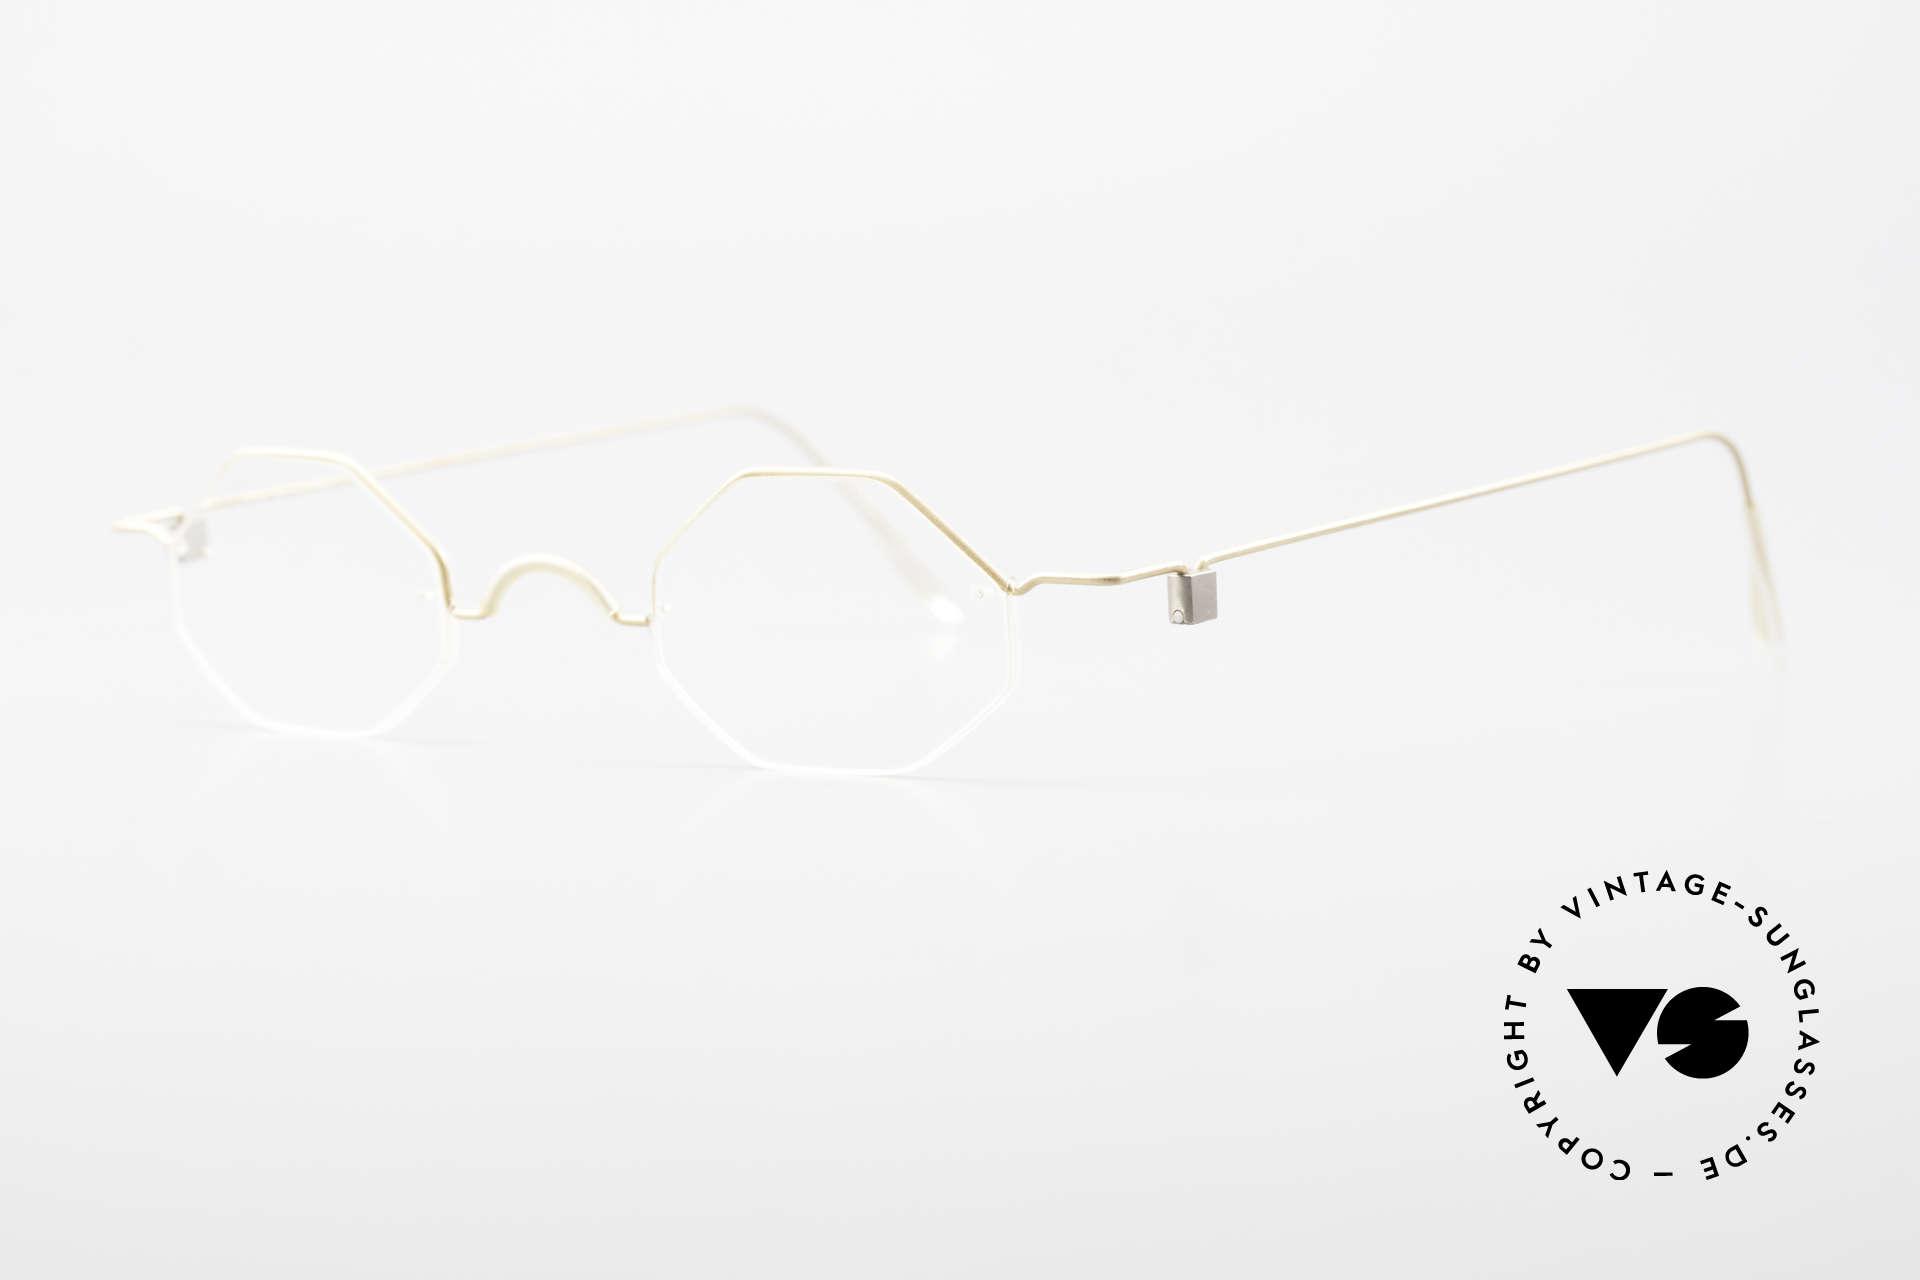 Markus T Achteckige Kenner Brille 90er, wer war zuerst? Lindberg oder Markus T? Kennerbrille!, Passend für Herren und Damen